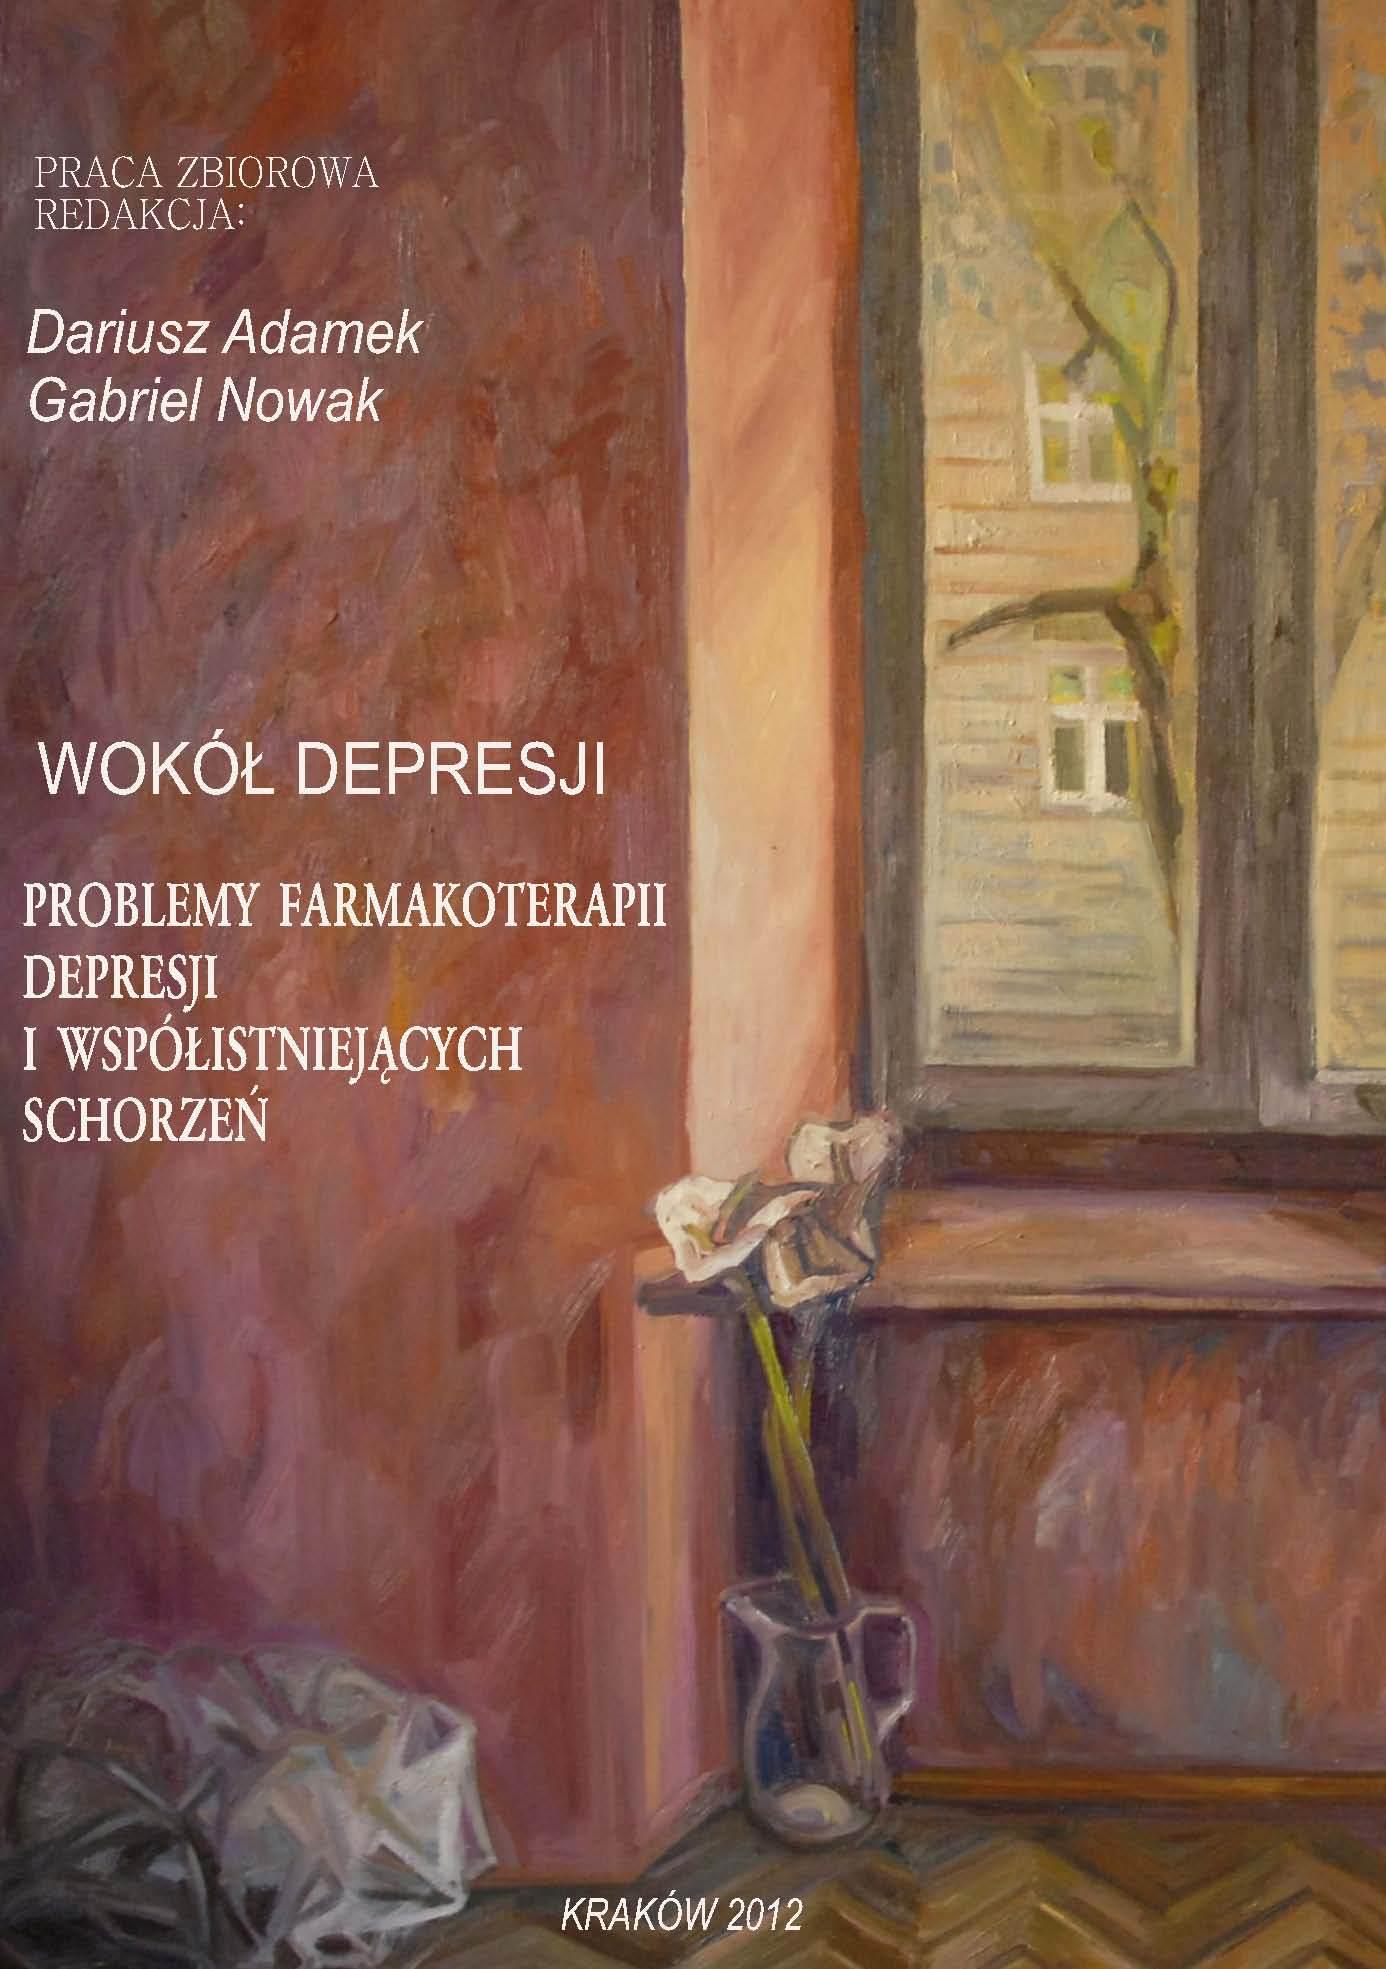 Wokół depresji. Problemy farmakoterapii depresji i współistniejących schorzeń - Ebook (Książka PDF) do pobrania w formacie PDF